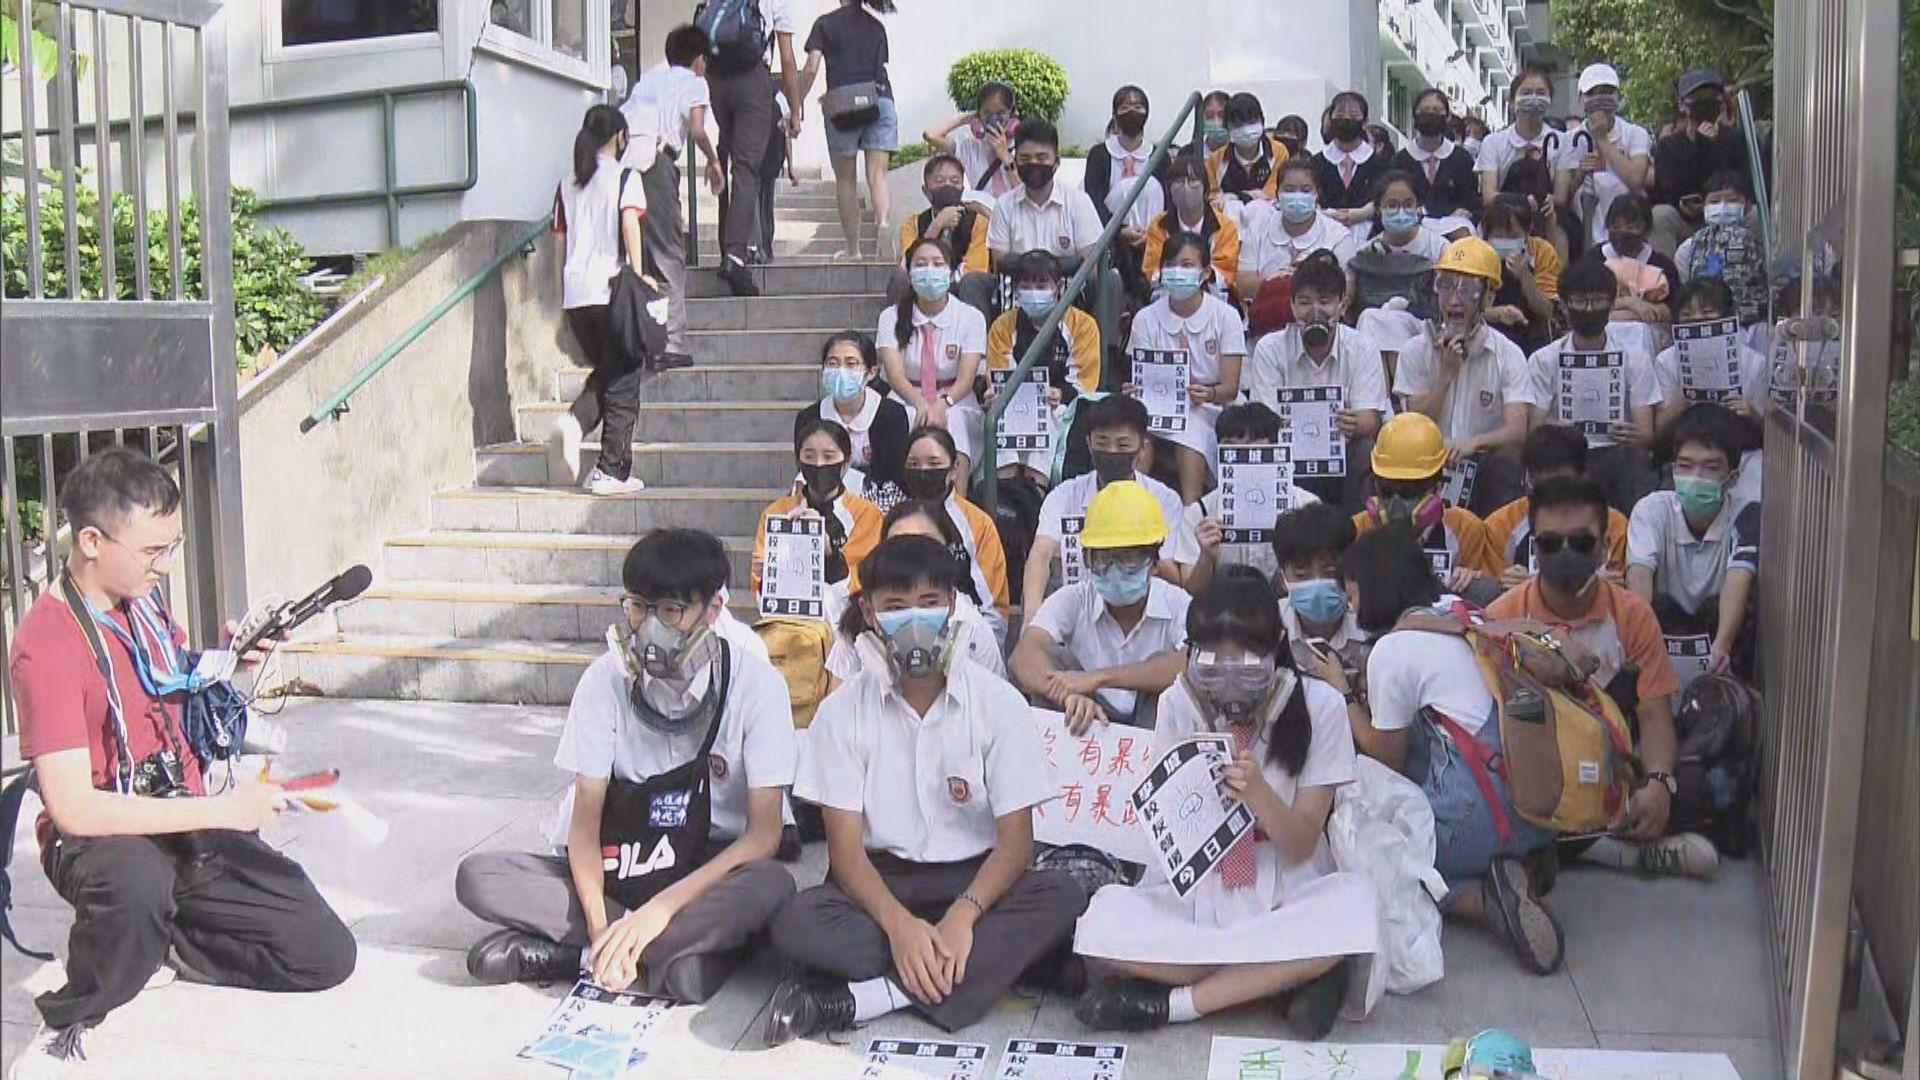 楊潤雄:若學生屢勸不改在學校表達政治 應按懲處機制處理